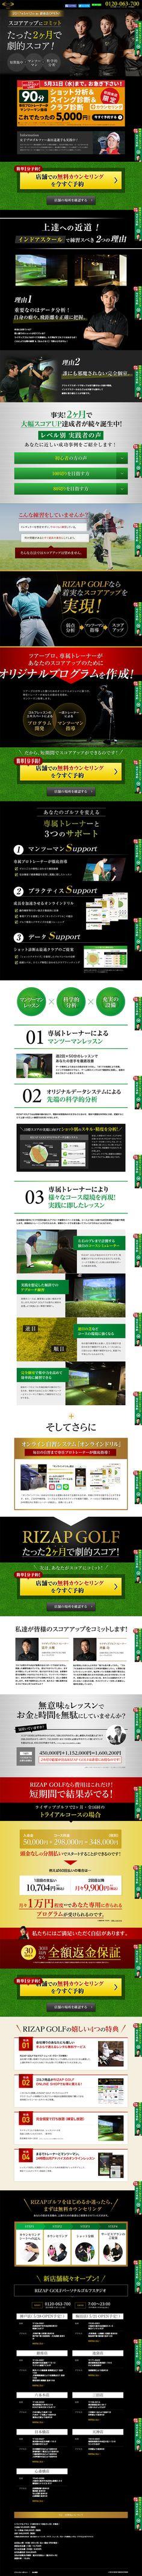 ライザップゴルフ WEBデザイナーさん必見!ランディングページのデザイン参考に(かっこいい系)